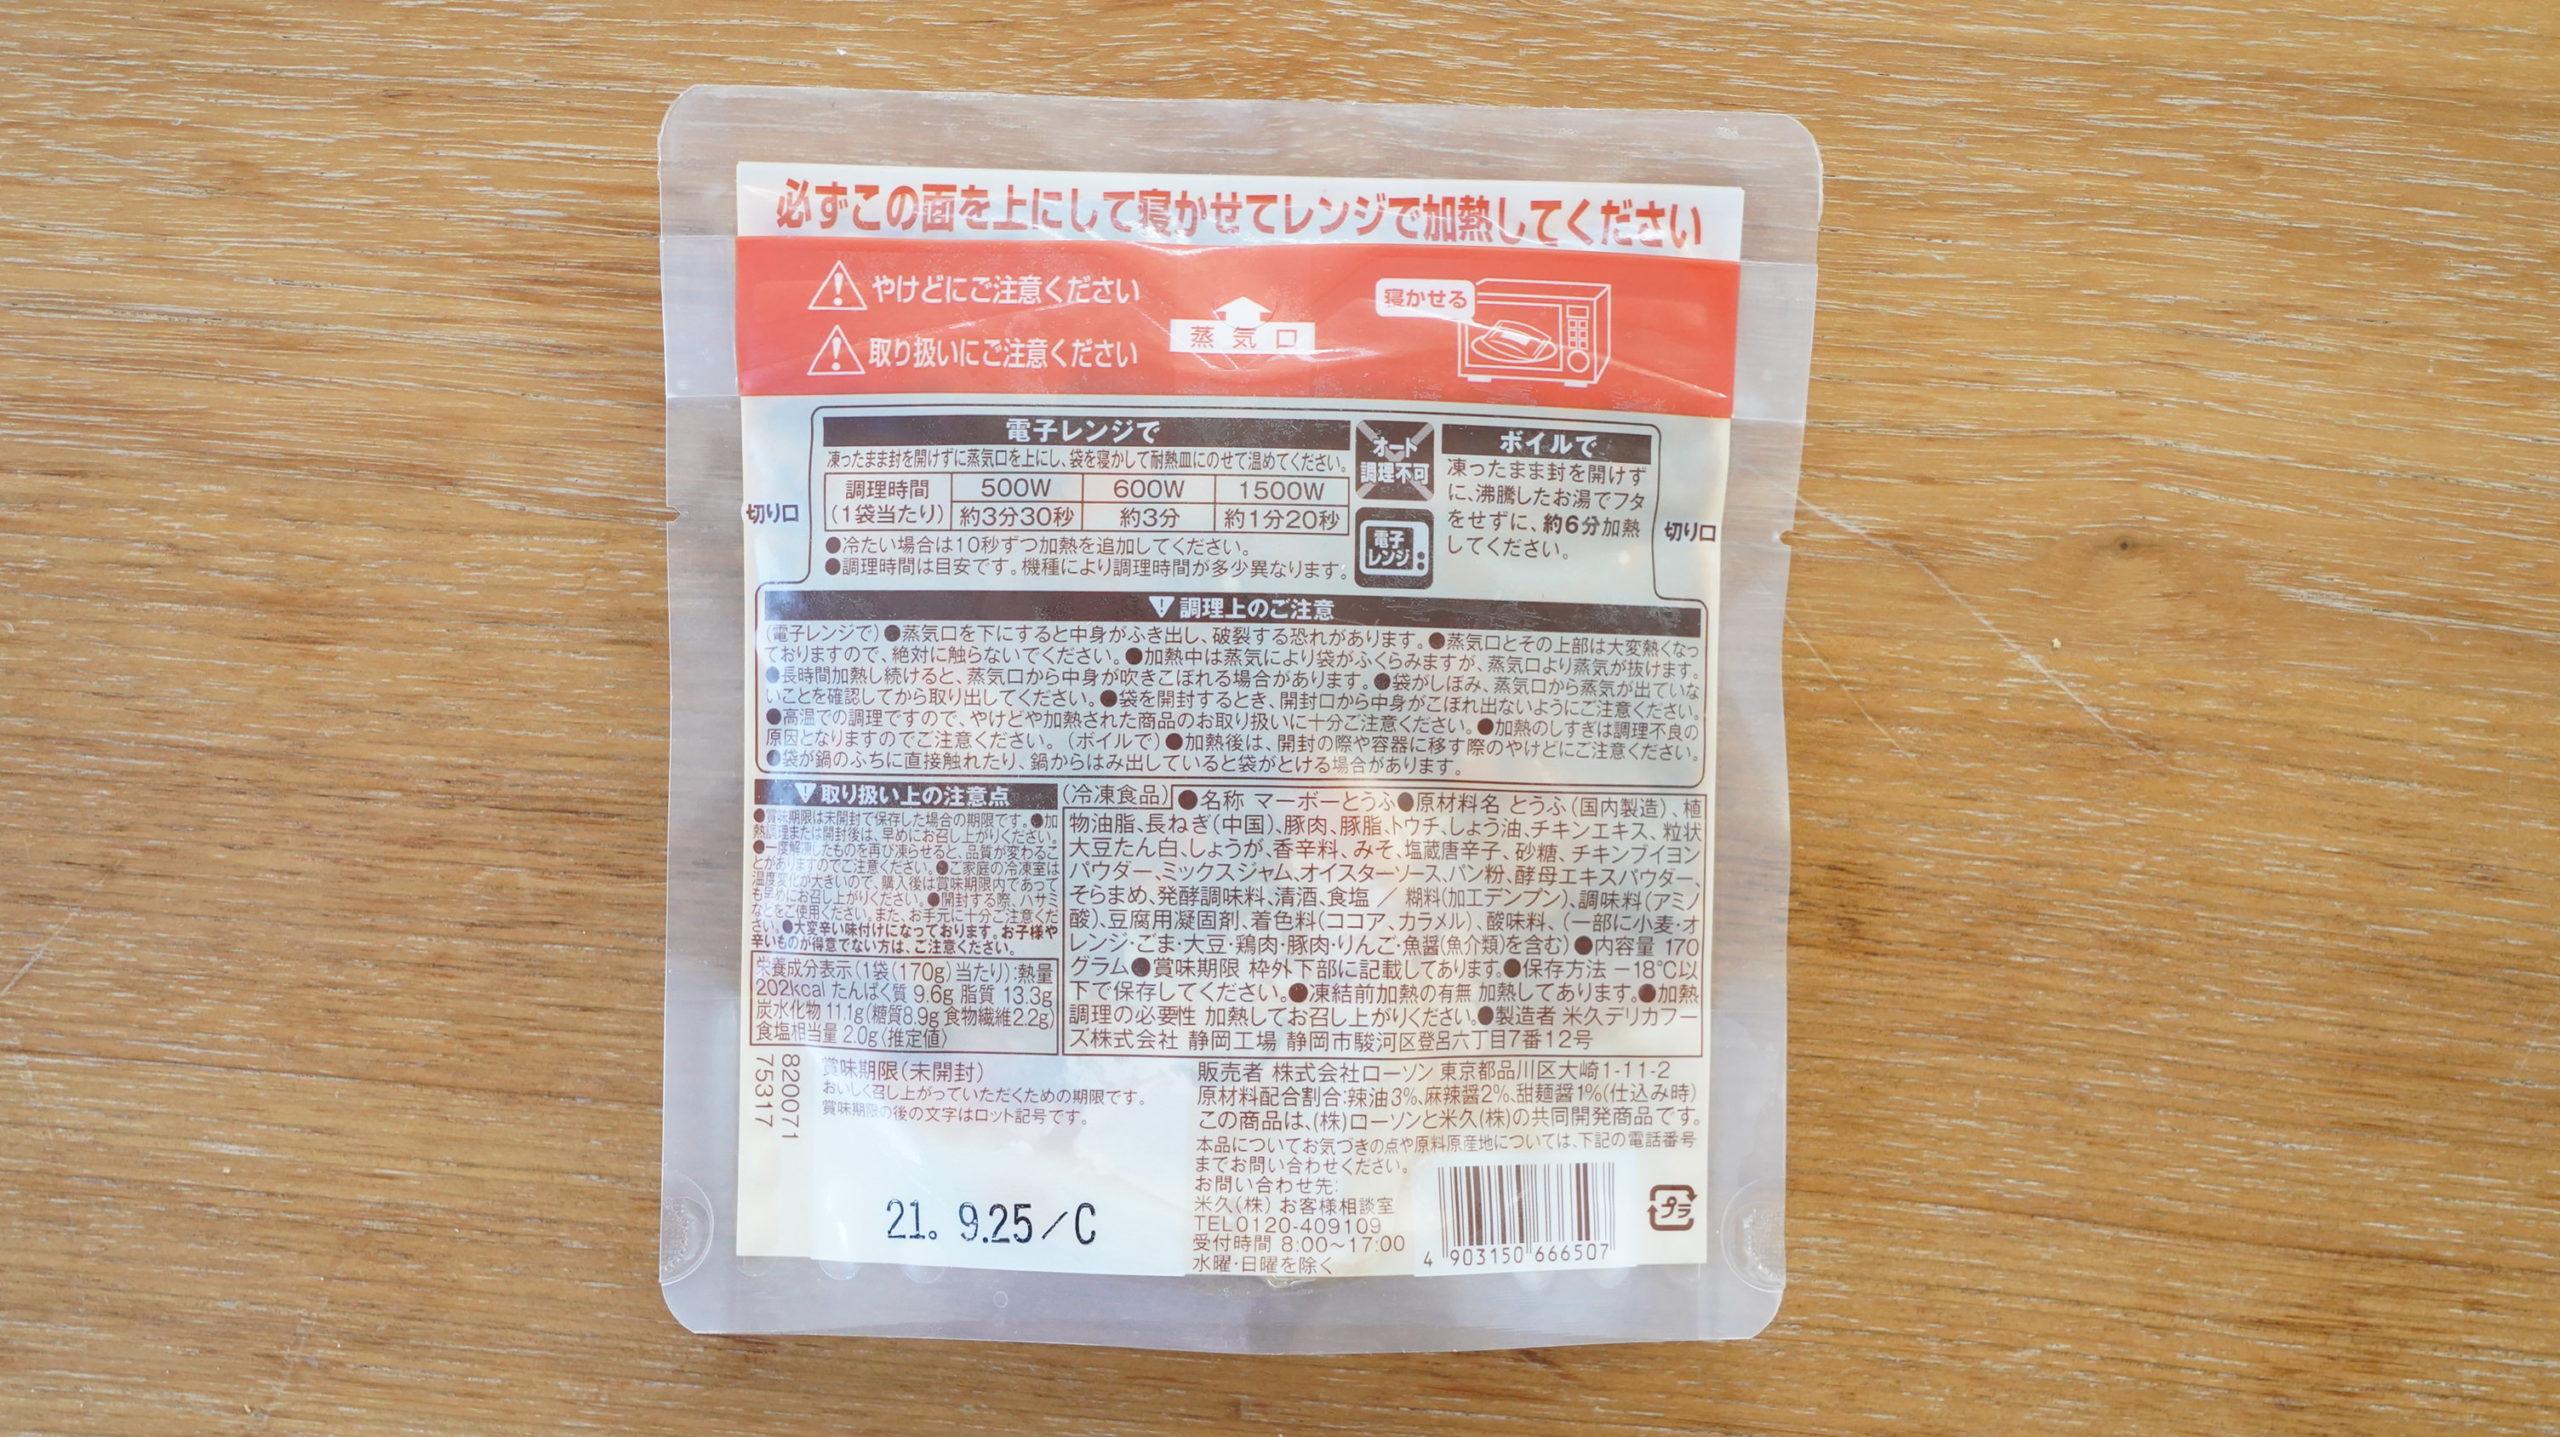 ローソンの冷凍食品「四川風麻婆豆腐」のパッケージ裏面の写真